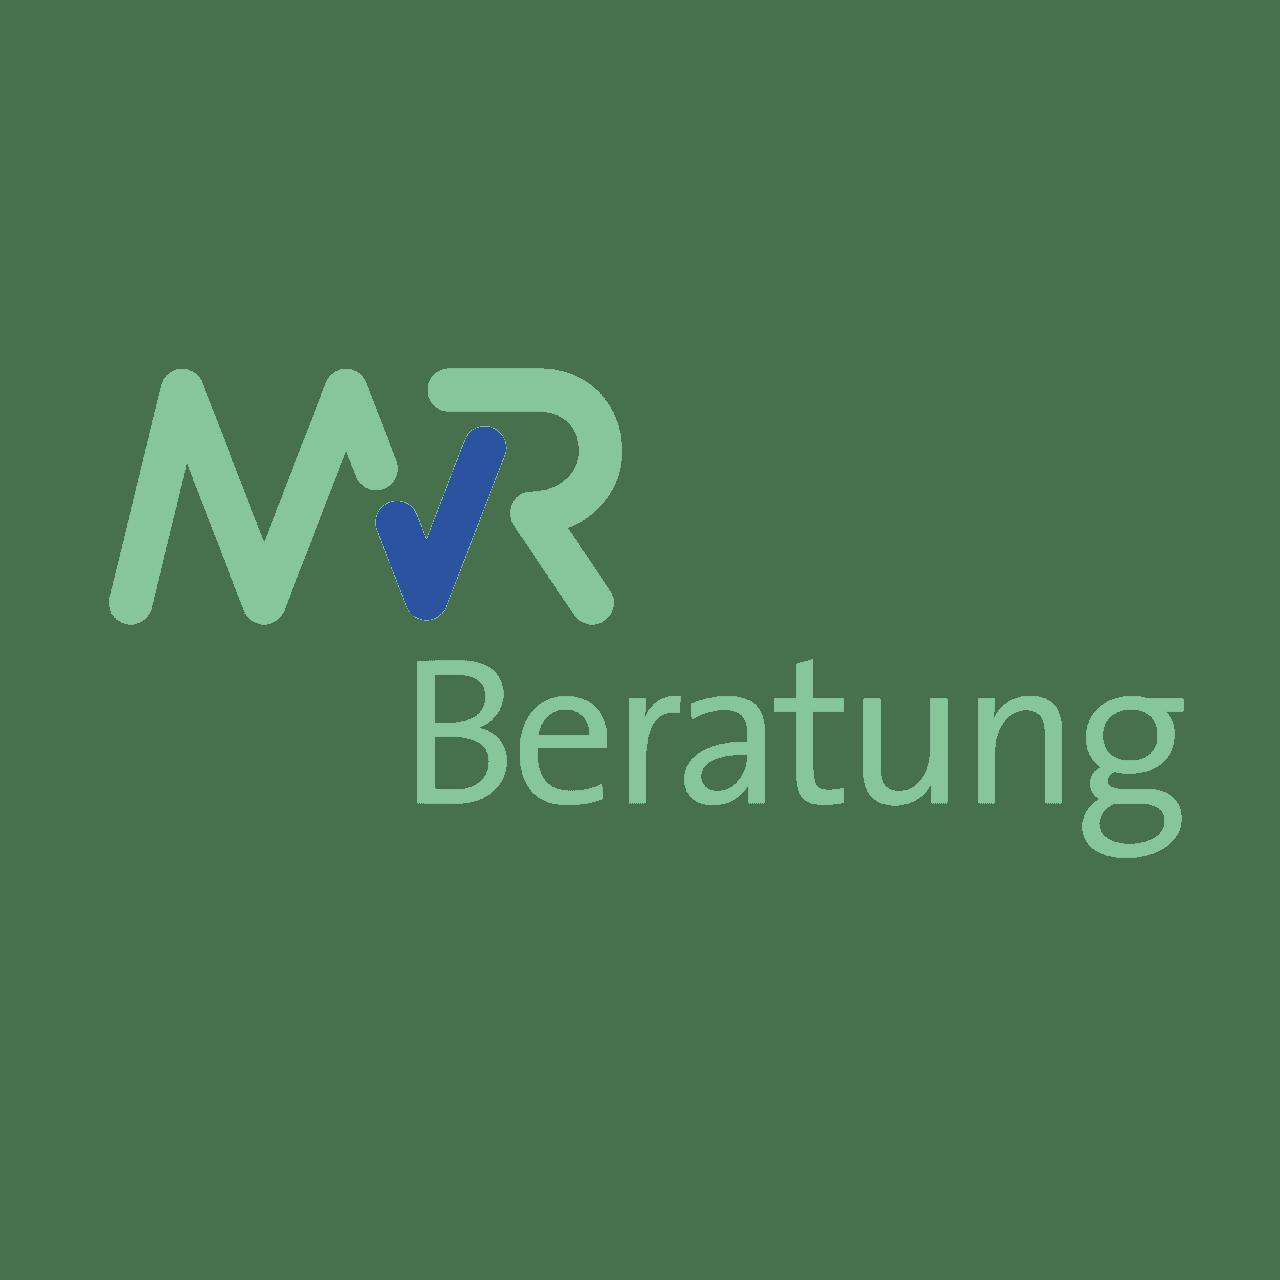 Logo MVR Beratung